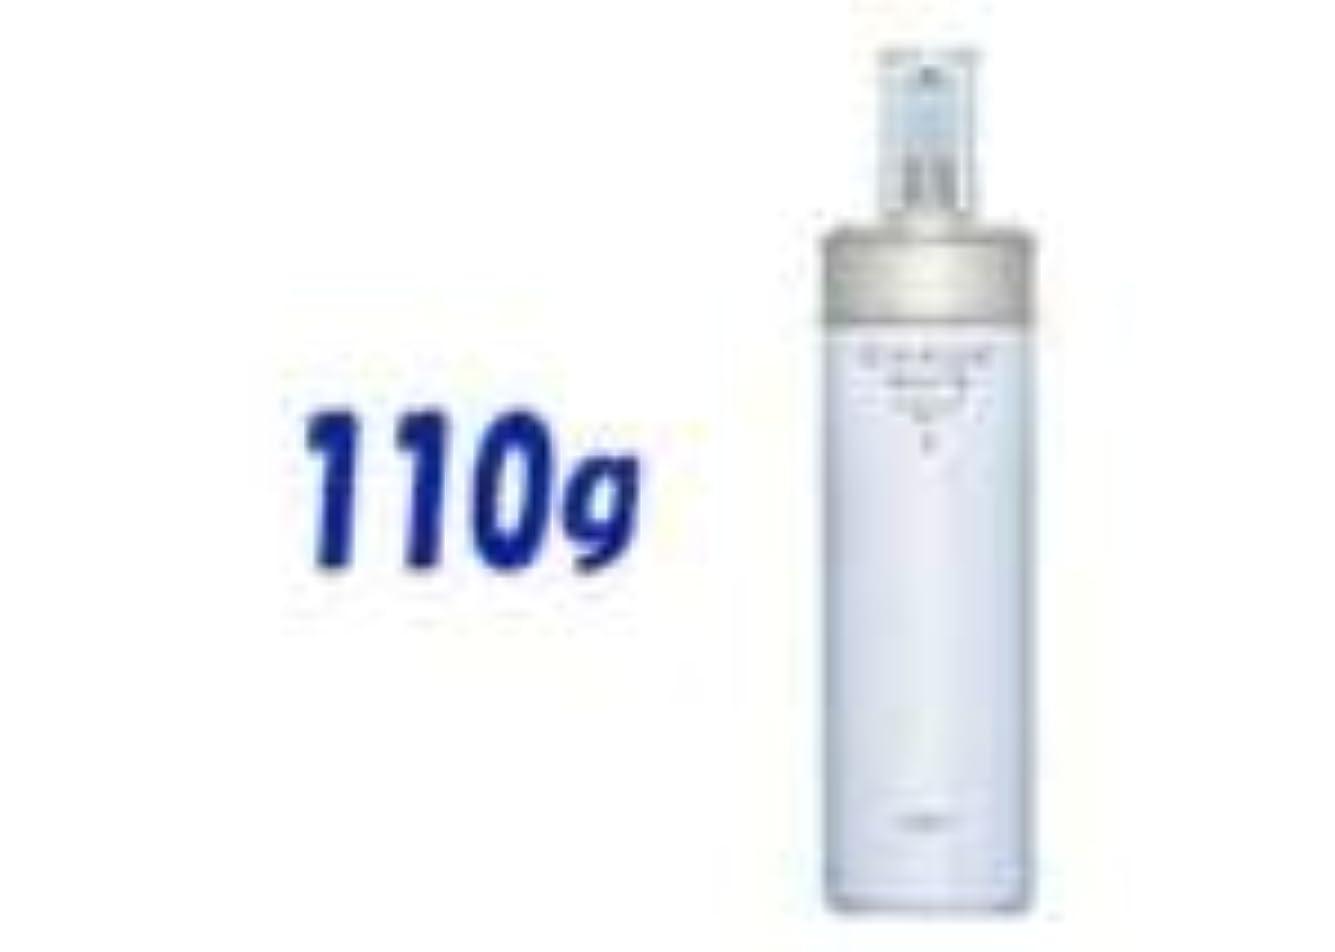 鳥不毛のお金アルビオン エクサージュホワイト ホワイトライズ ミルクI(医薬部外品)(110g)